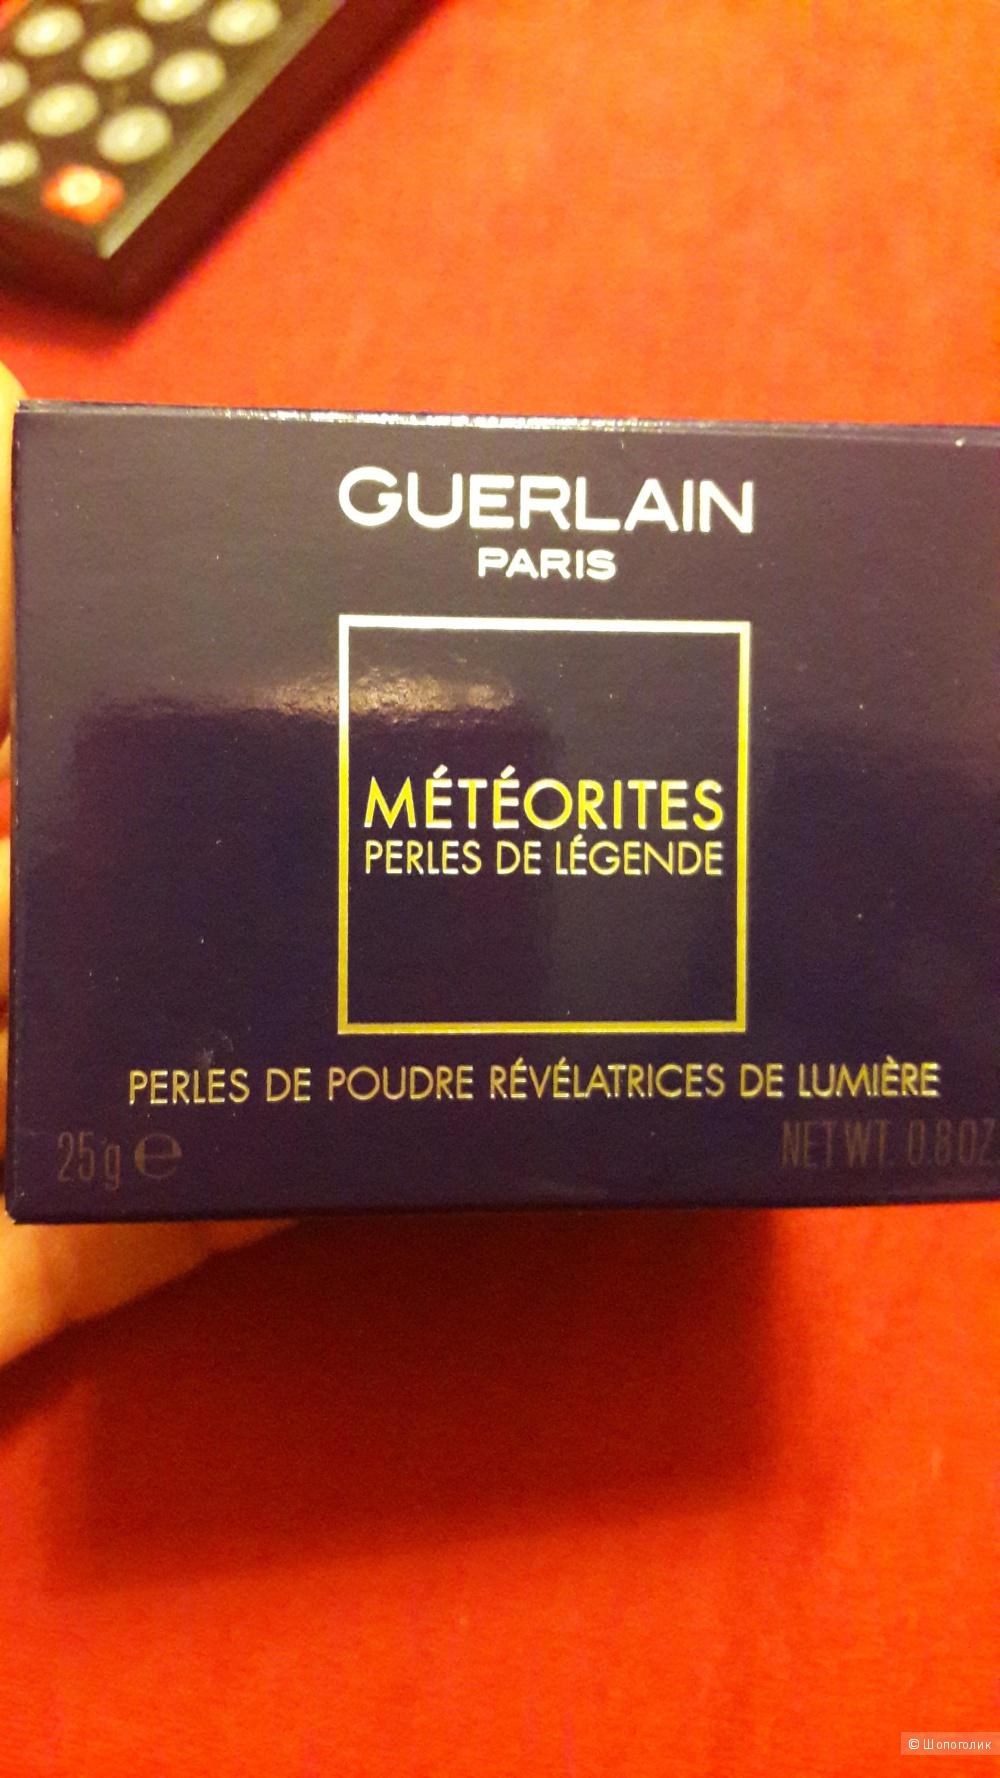 Guerlain Meteorites perles de legend